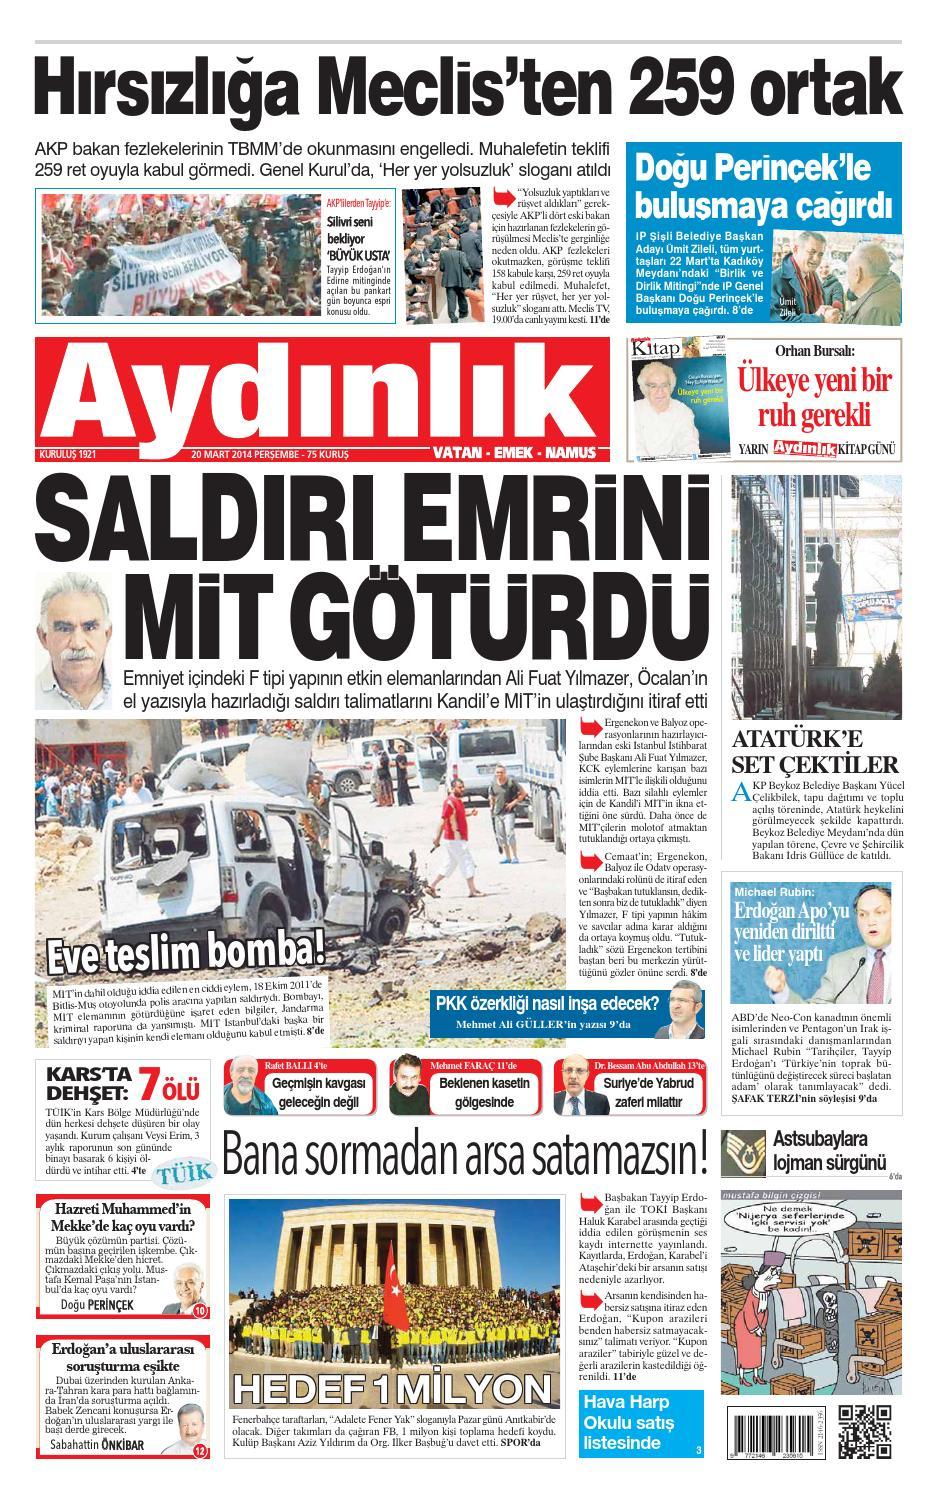 CHP, Yıldırıma önlendiği iddia edilen canlı bomba eylemlerini sordu 72